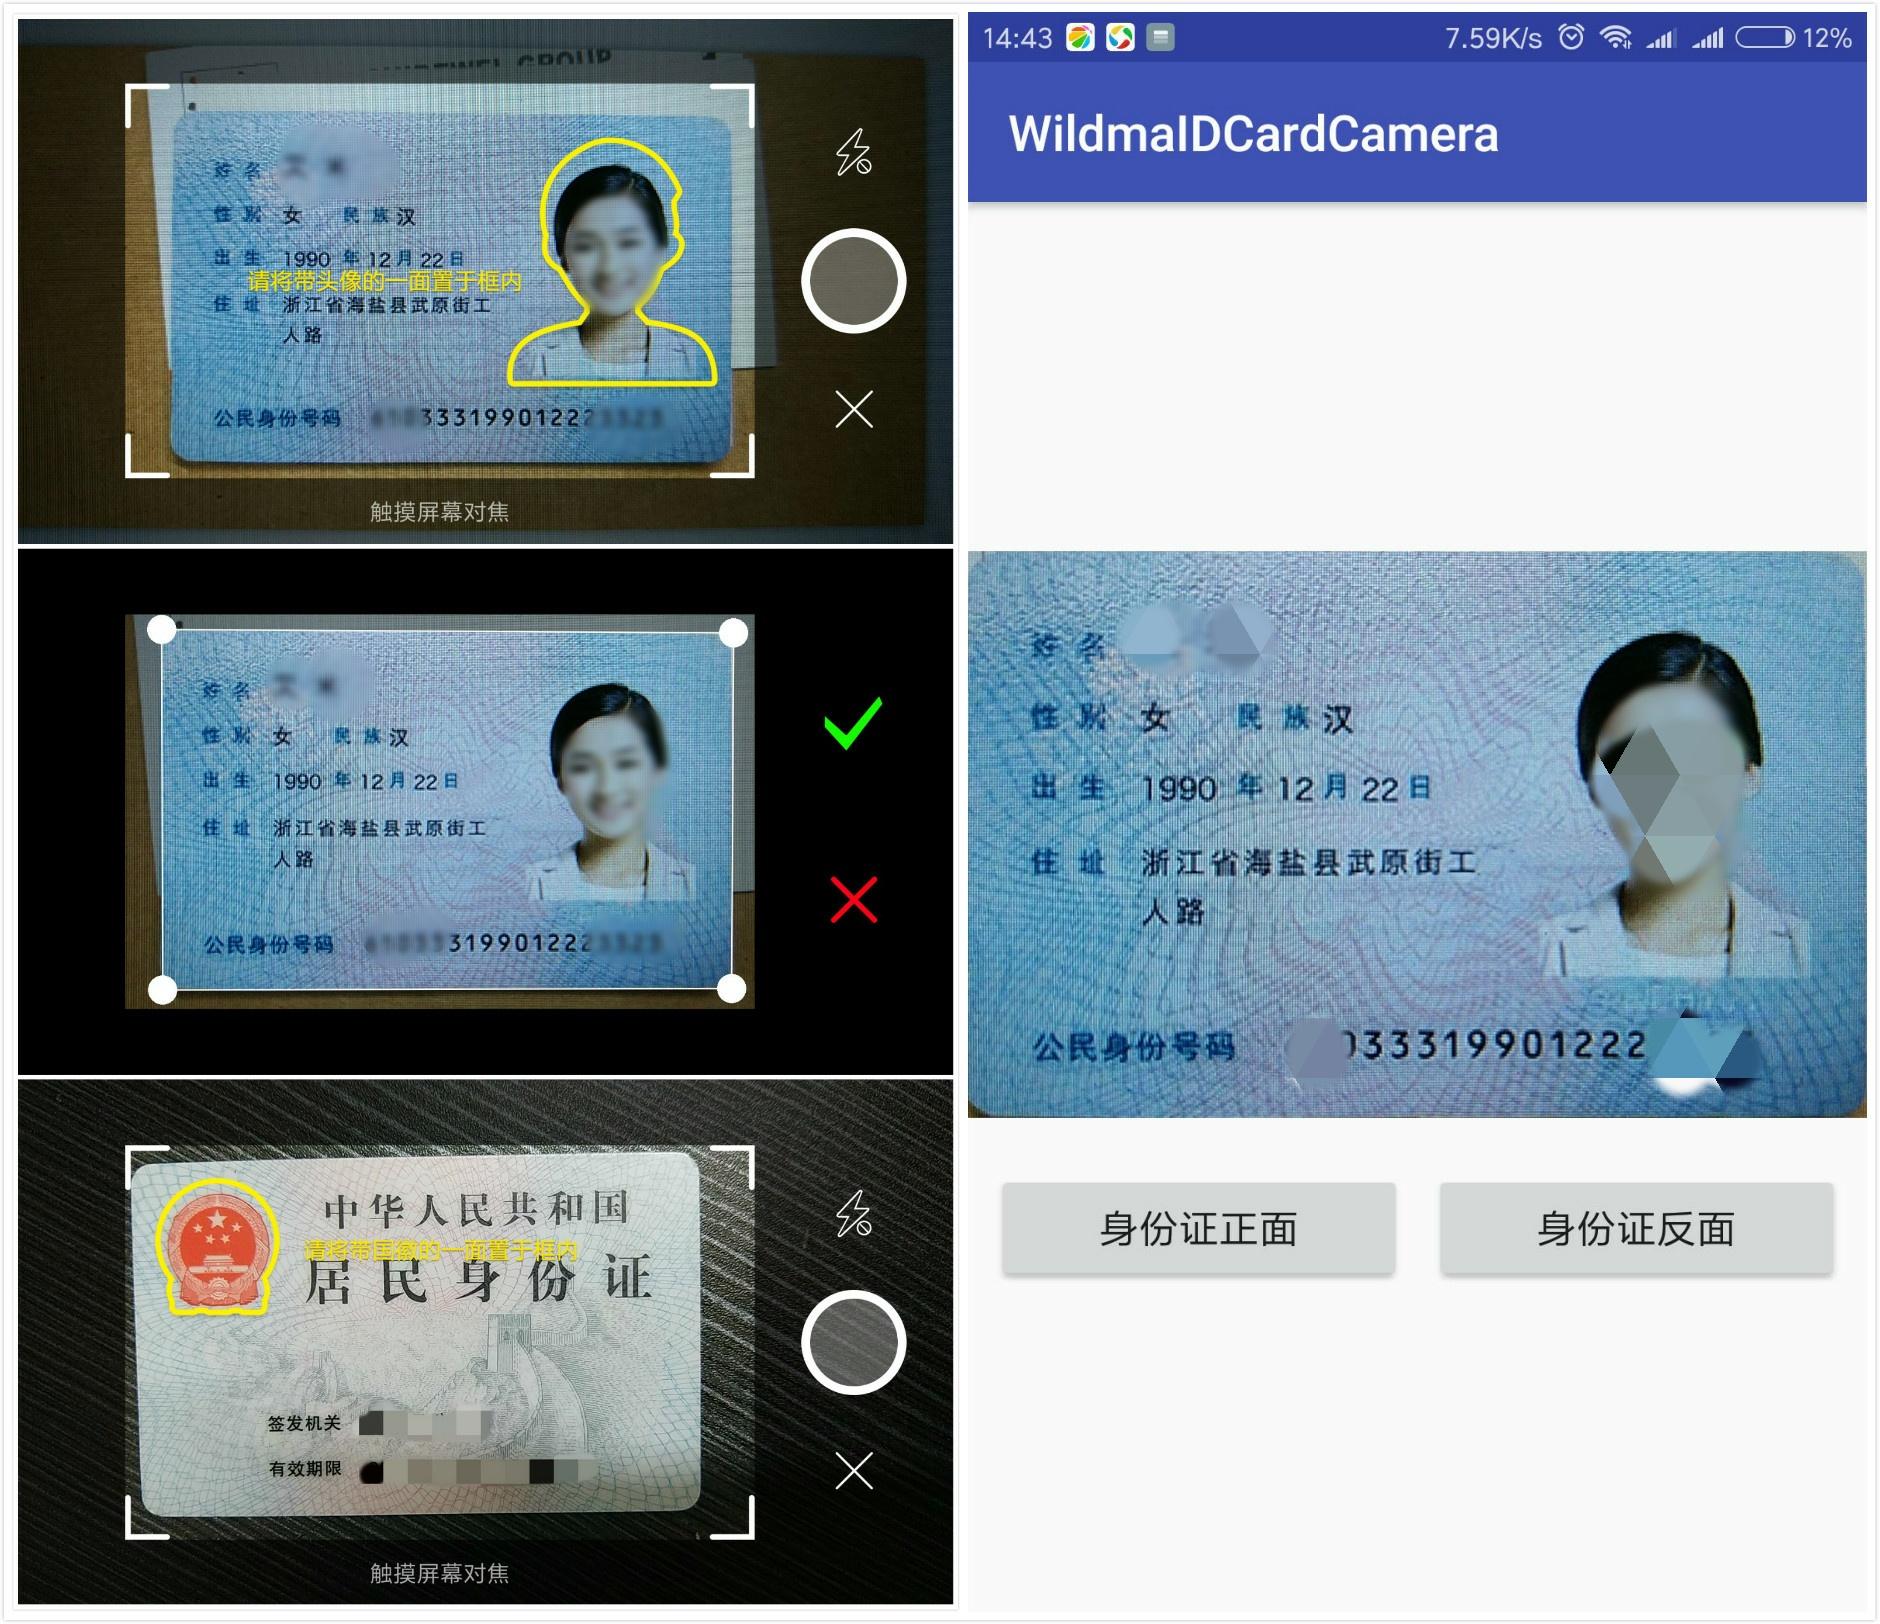 身份证来源网络虚拟构造